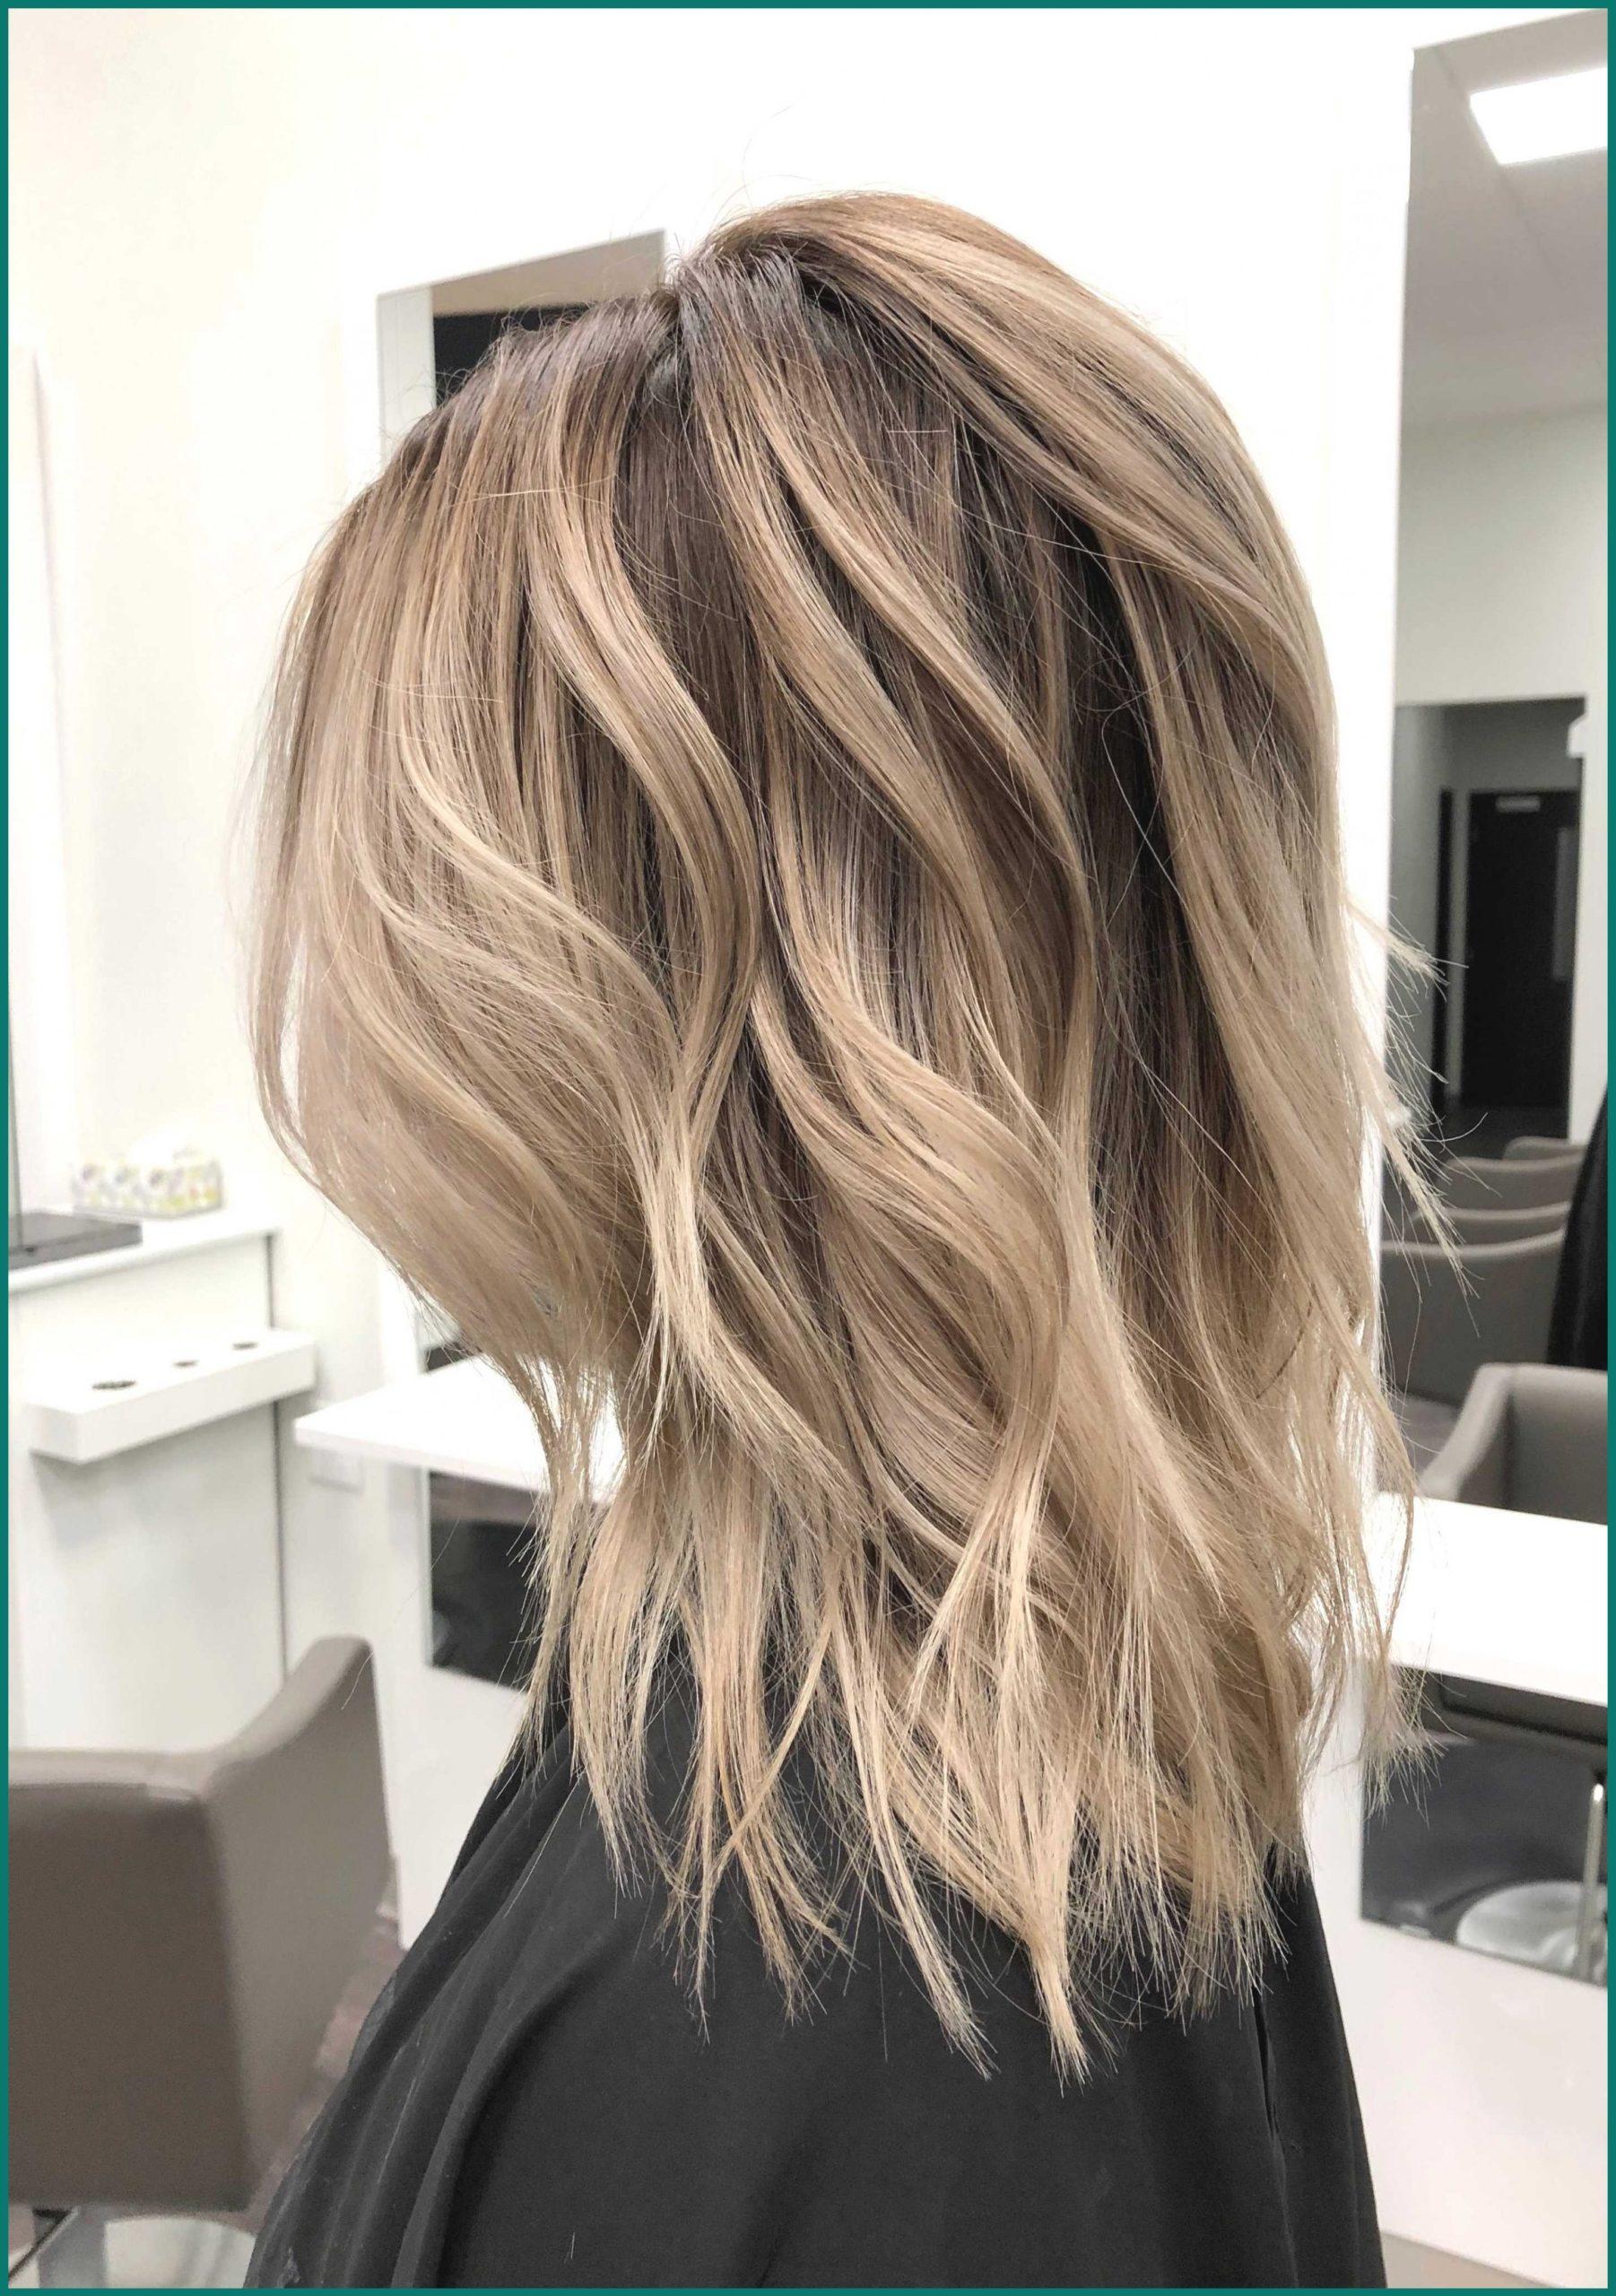 Coupe de cheveux en couches dans une nuance moderne.